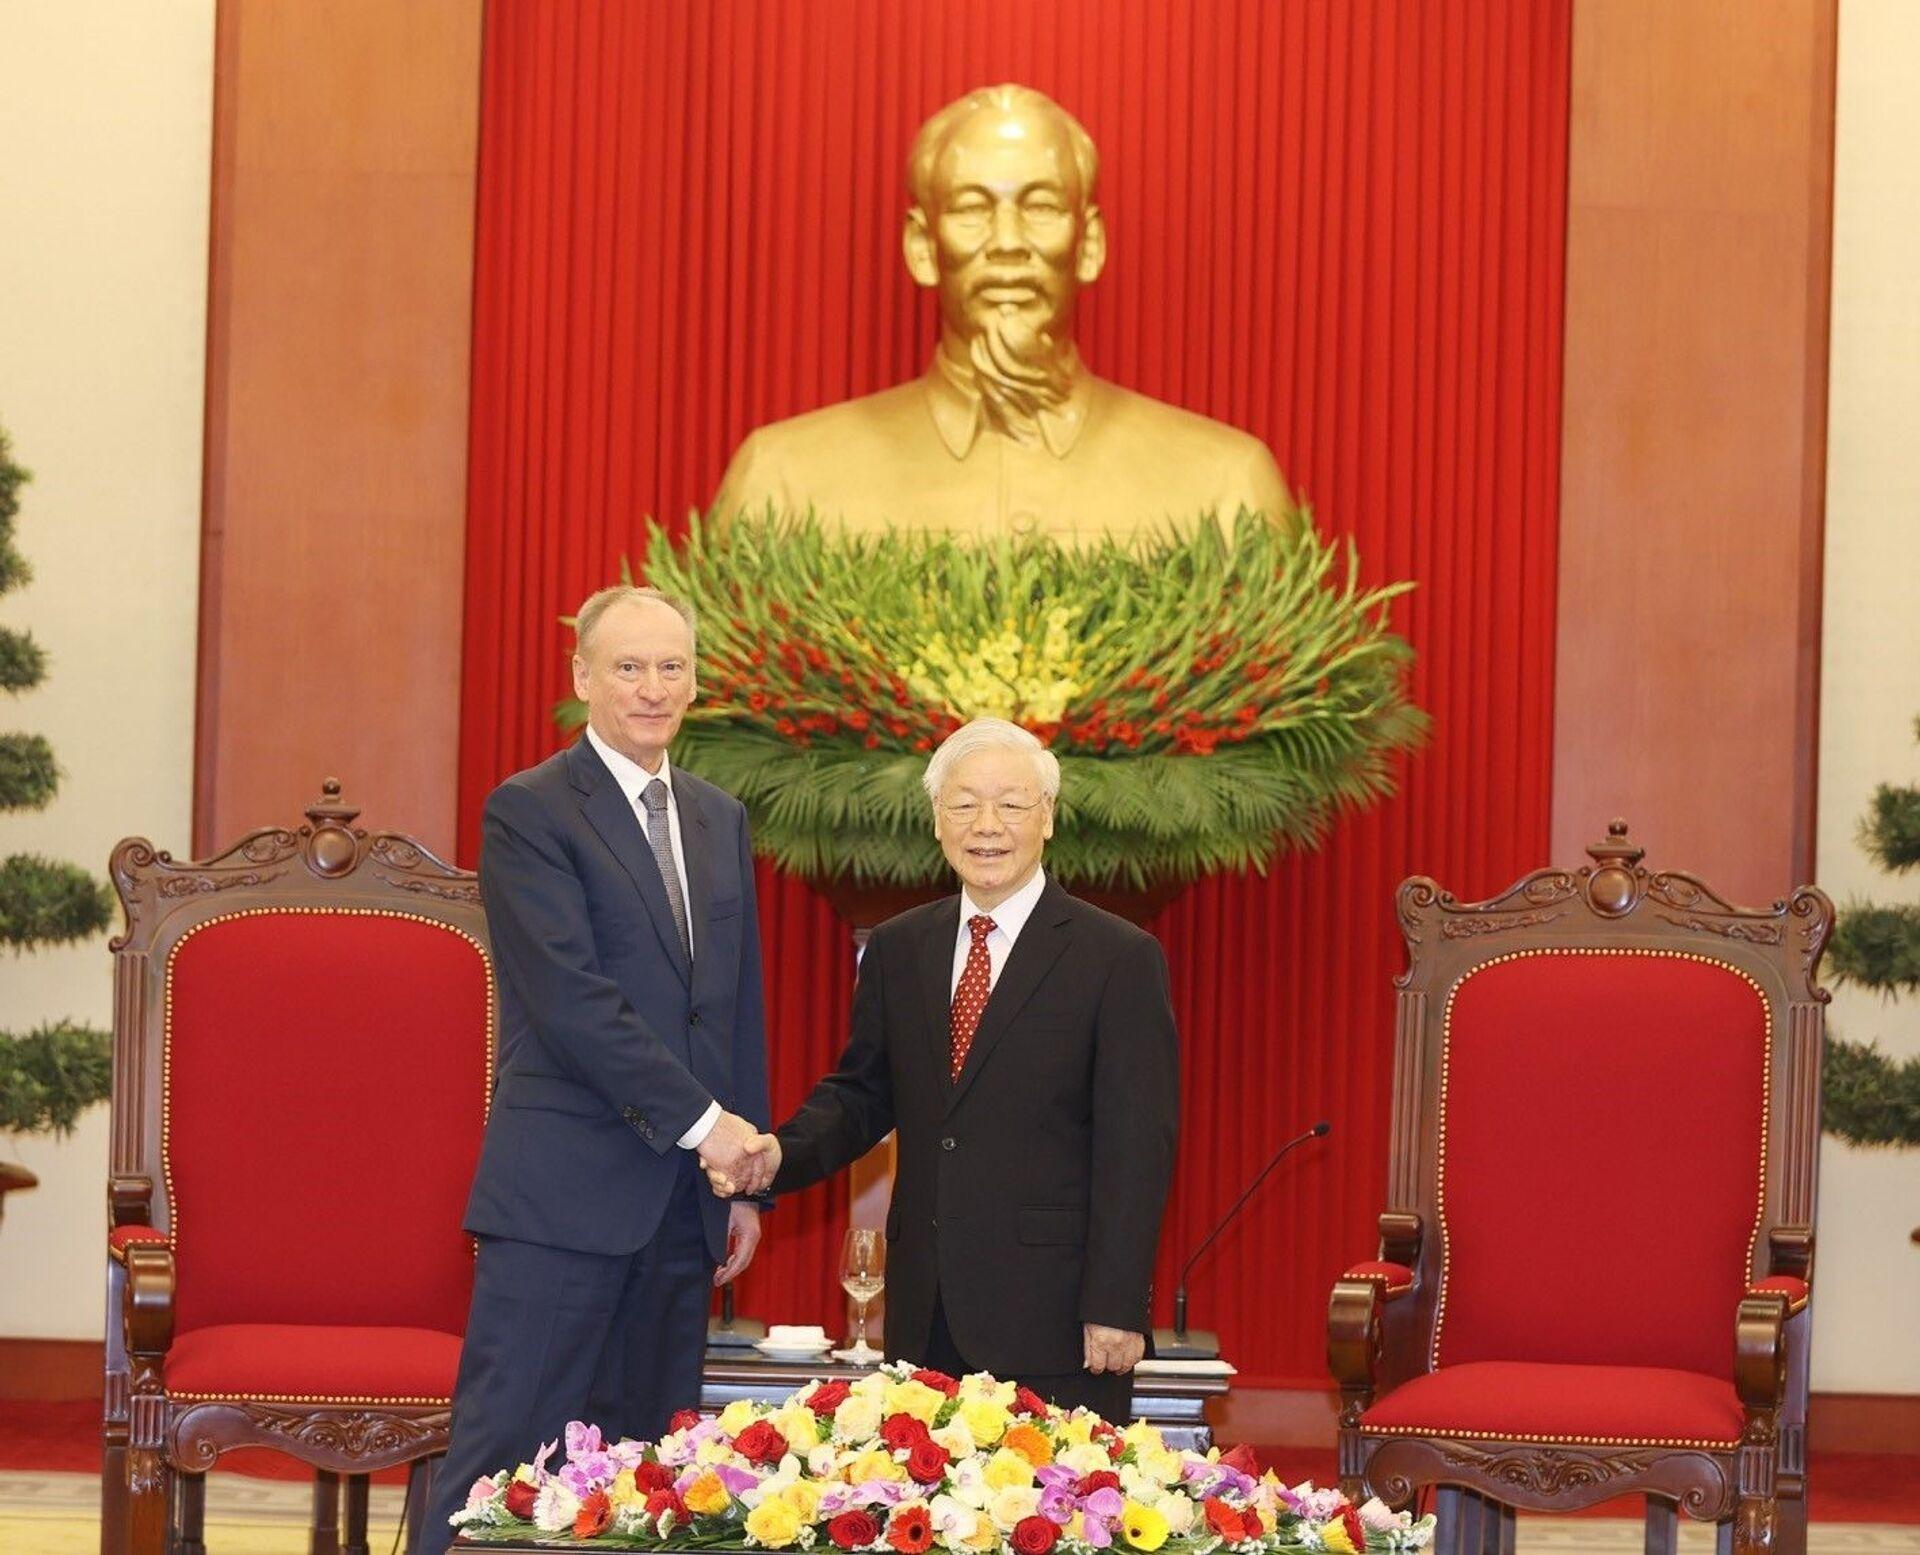 Ông Nikolai Patrushev sau chuyến thăm Hà Nội: Nga và Việt Nam không hề có bất đồng - Sputnik Việt Nam, 1920, 17.03.2021